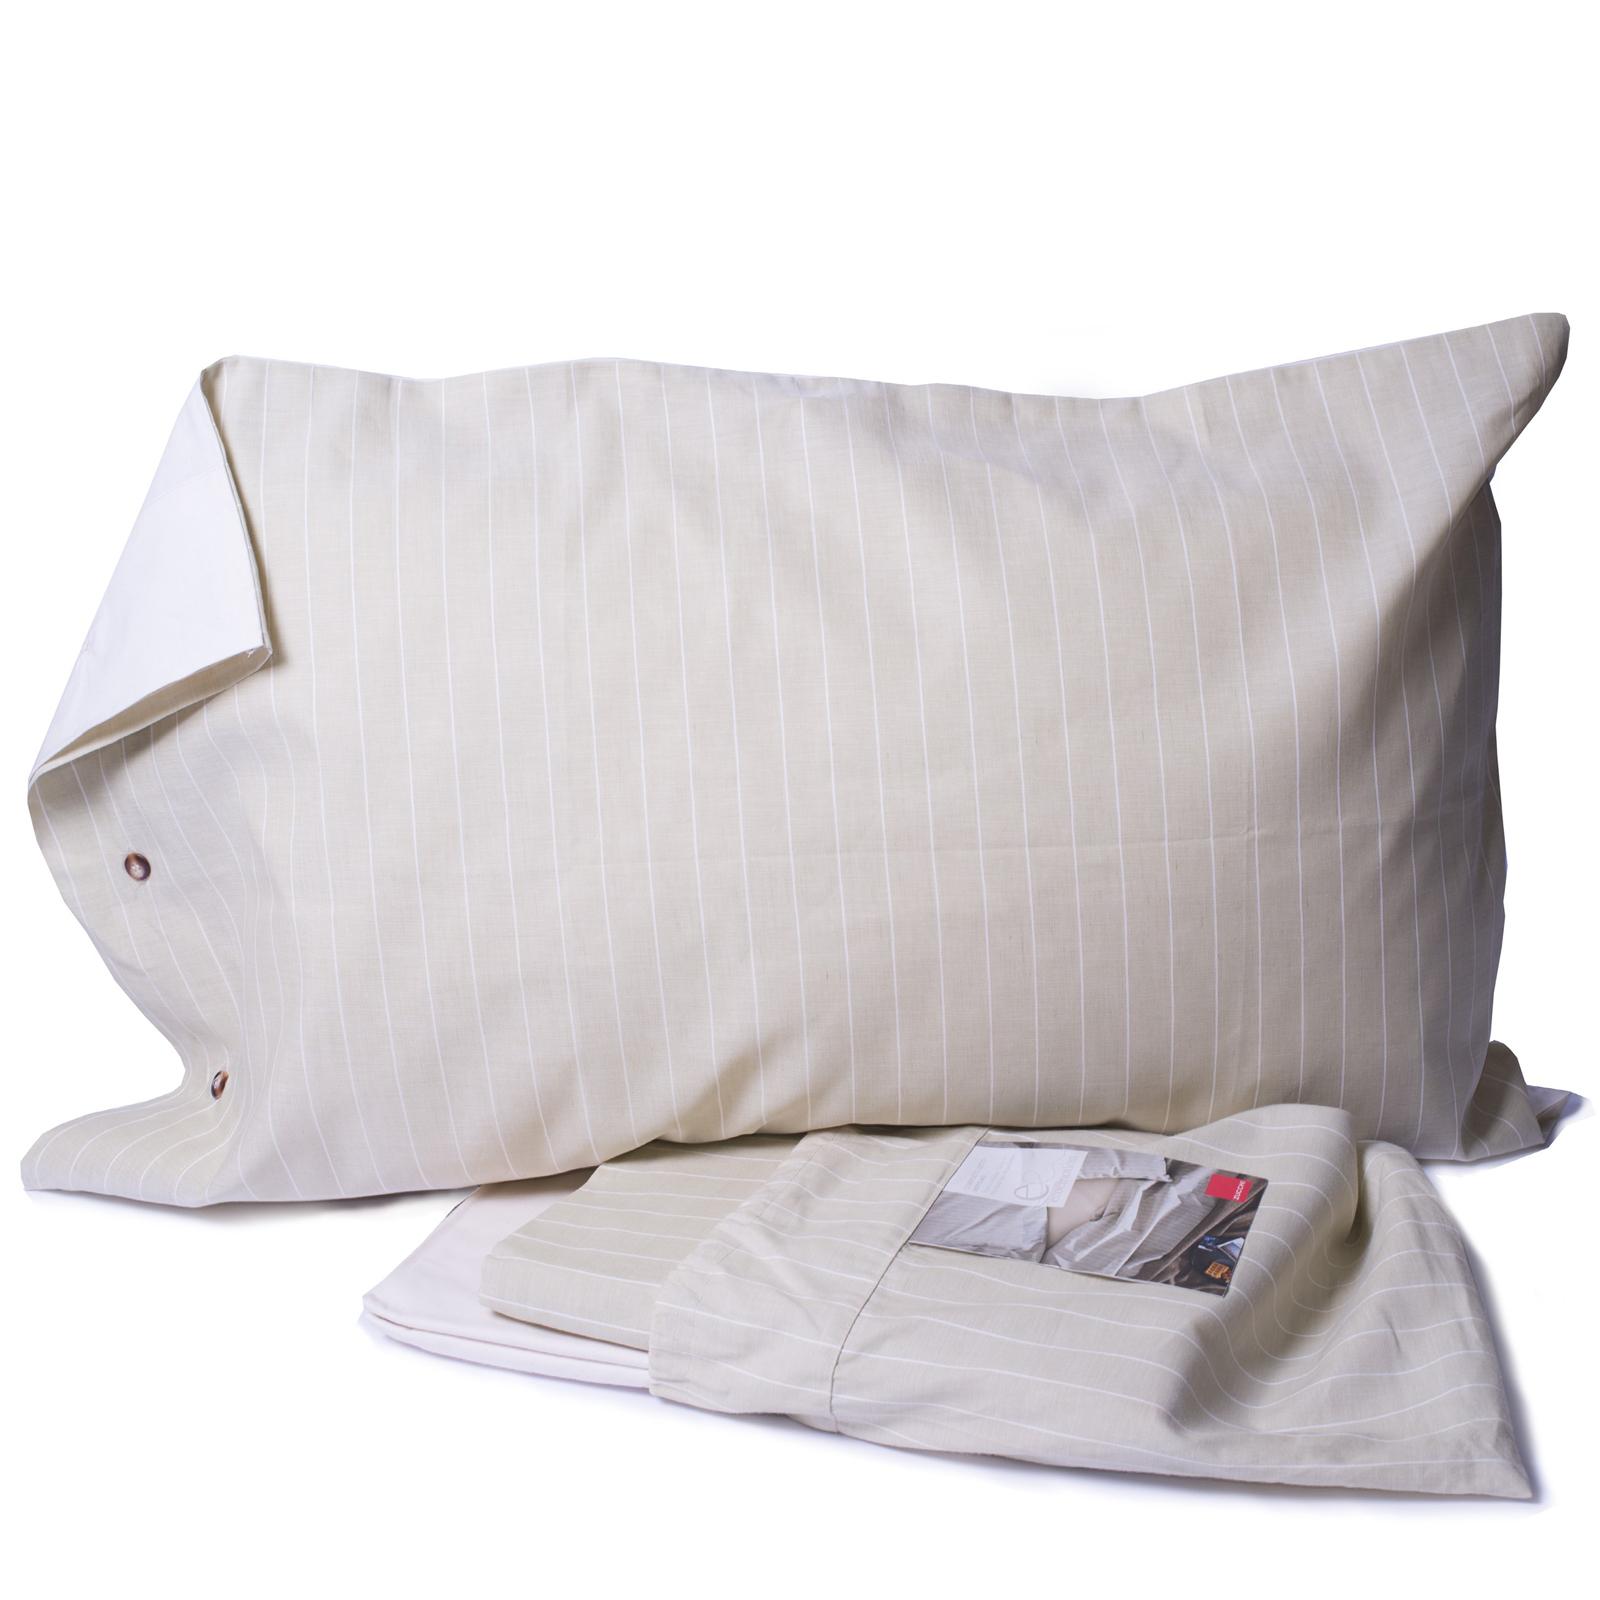 Tappeti camera da letto zucchi design del for Completo camera da letto